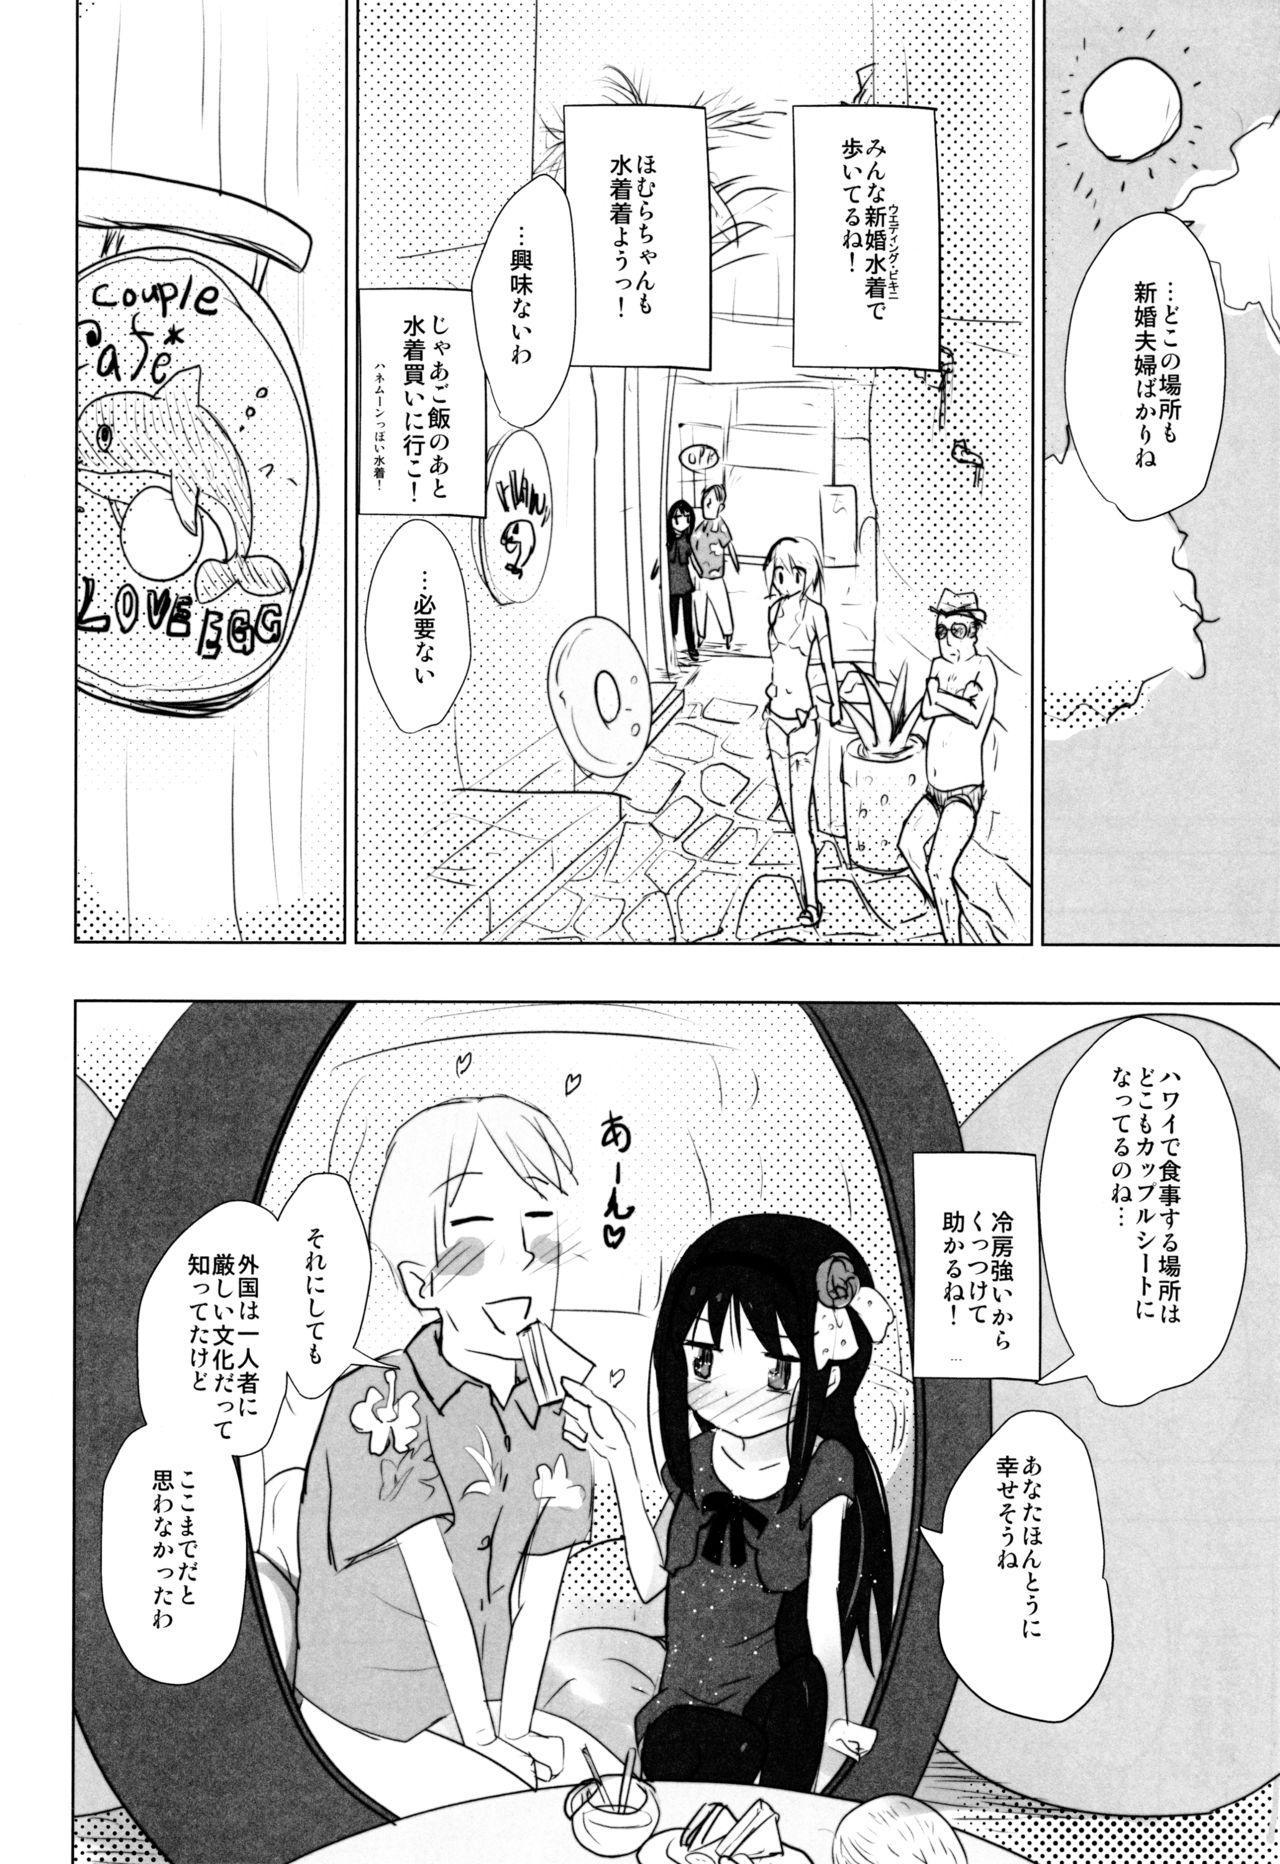 Anata no Koto ga Daisuki na Homura-chan to Iku Shuudan Roshutsu Shinkon Ryokou Hawaii!! 4